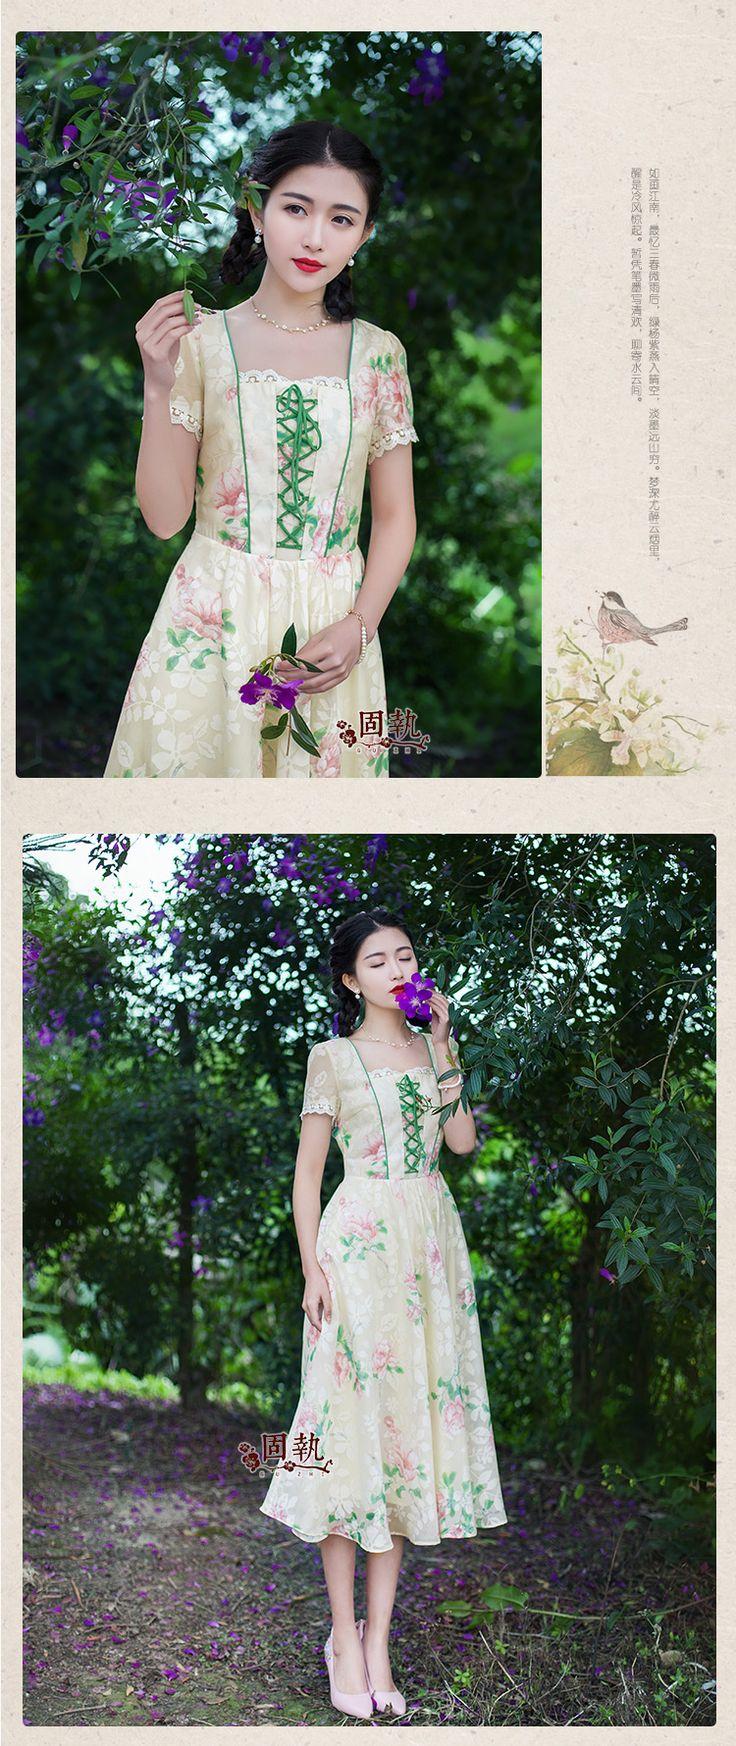 Шифоновые платья - Предпродажная вещь упрямая, 2016 Женская мода весна и лето новые ретро кружева с коротким рукавом, цветочный принт, платье в платье.